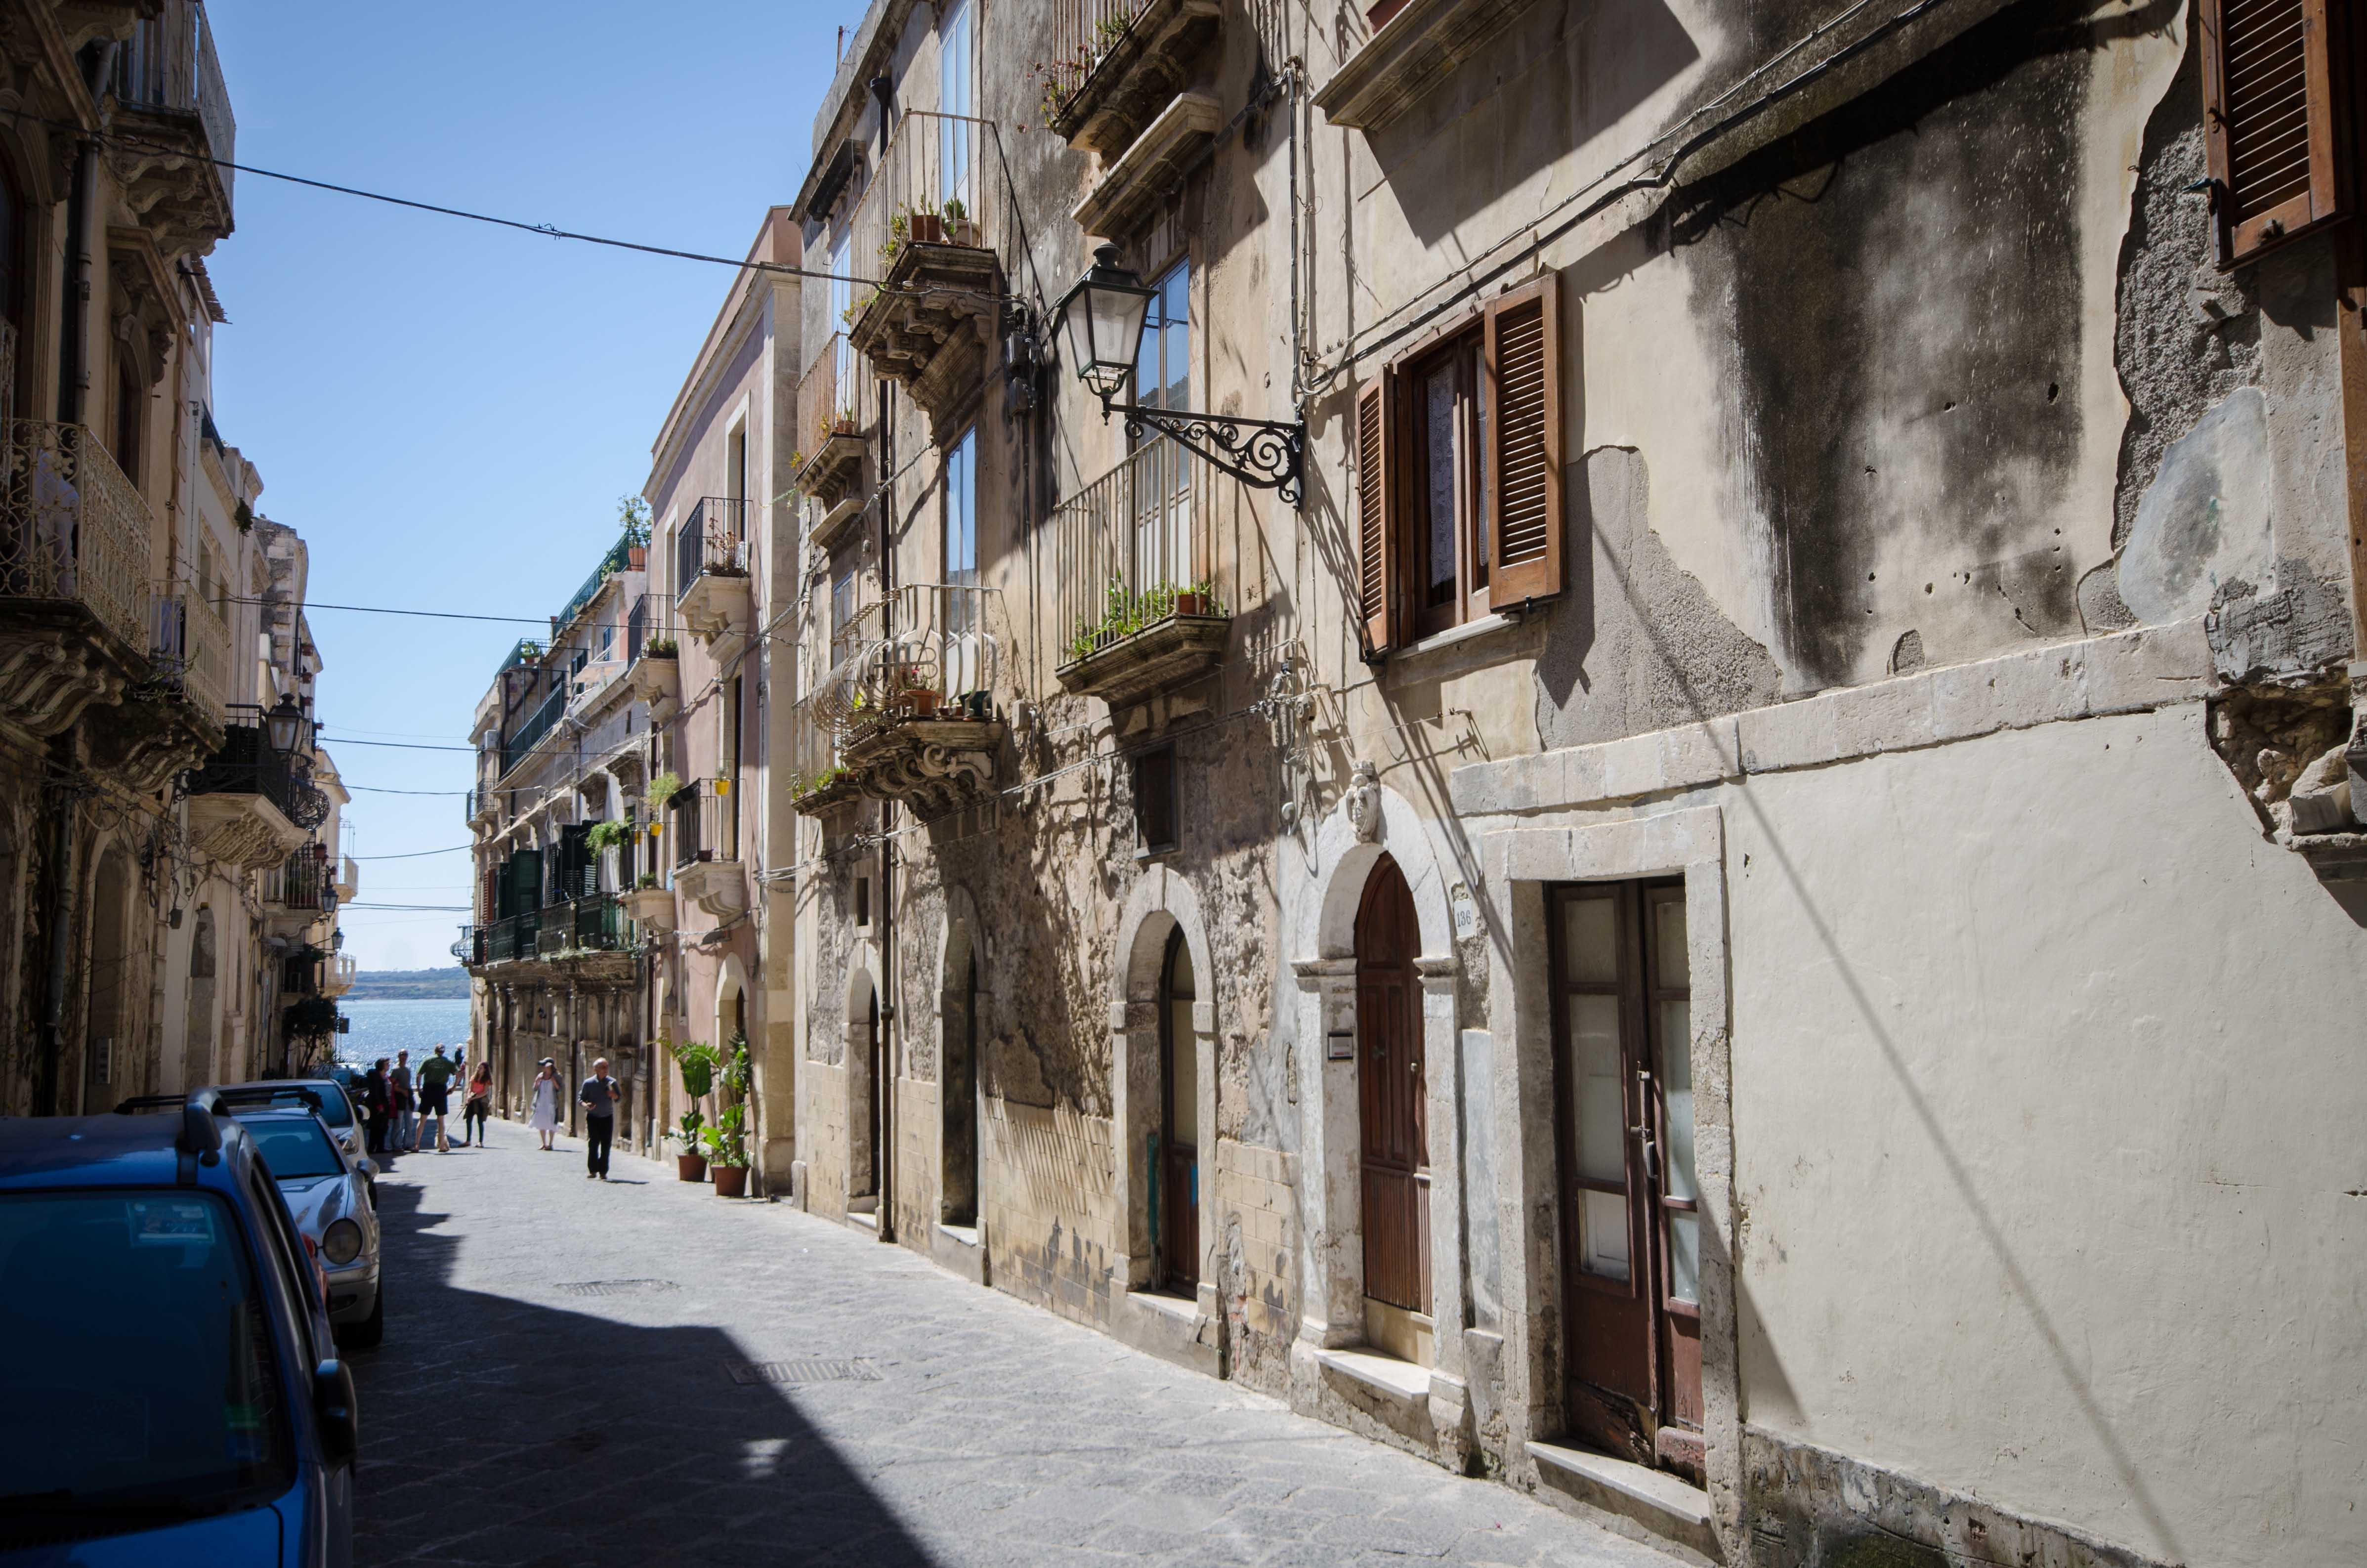 Appartamento indipendente nel centro storico di siracusa for Centro benessere siracusa ortigia